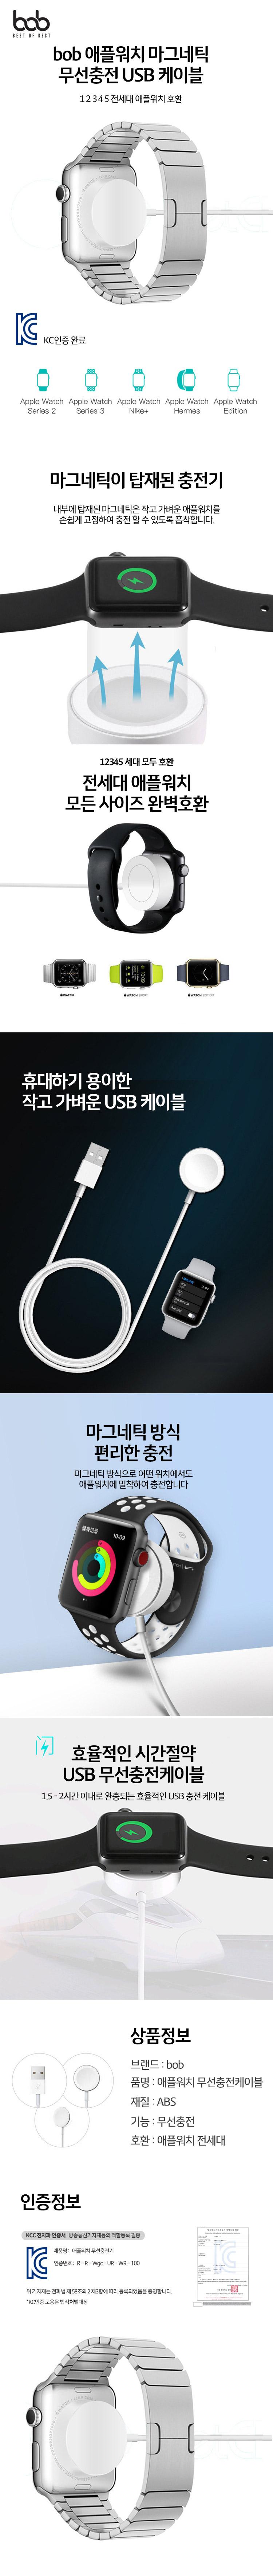 bob 애 플 워치 전용 마그네틱 무선충전 USB 케이블 100CM - 비오비, 12,500원, 스마트워치/밴드, 스마트워치 주변기기